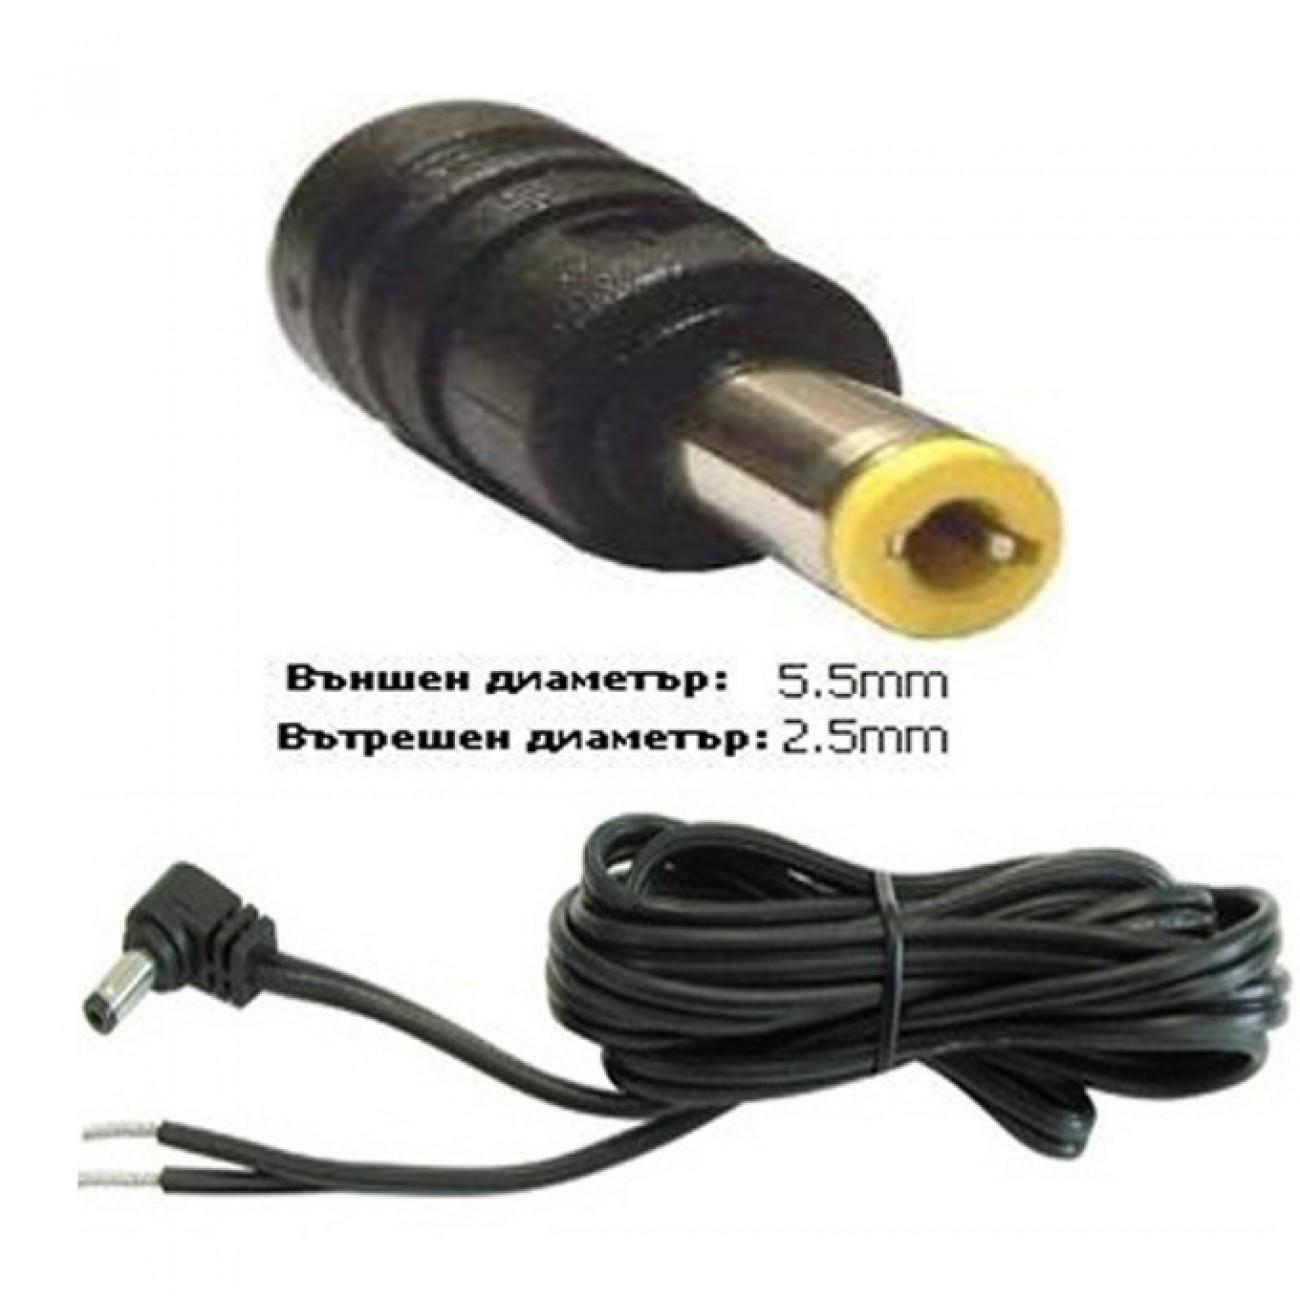 Захранващ кабел за Toshiba 5.5*2,5мм 90W, 1,2м. в Захранвания аксесоари -  | Alleop